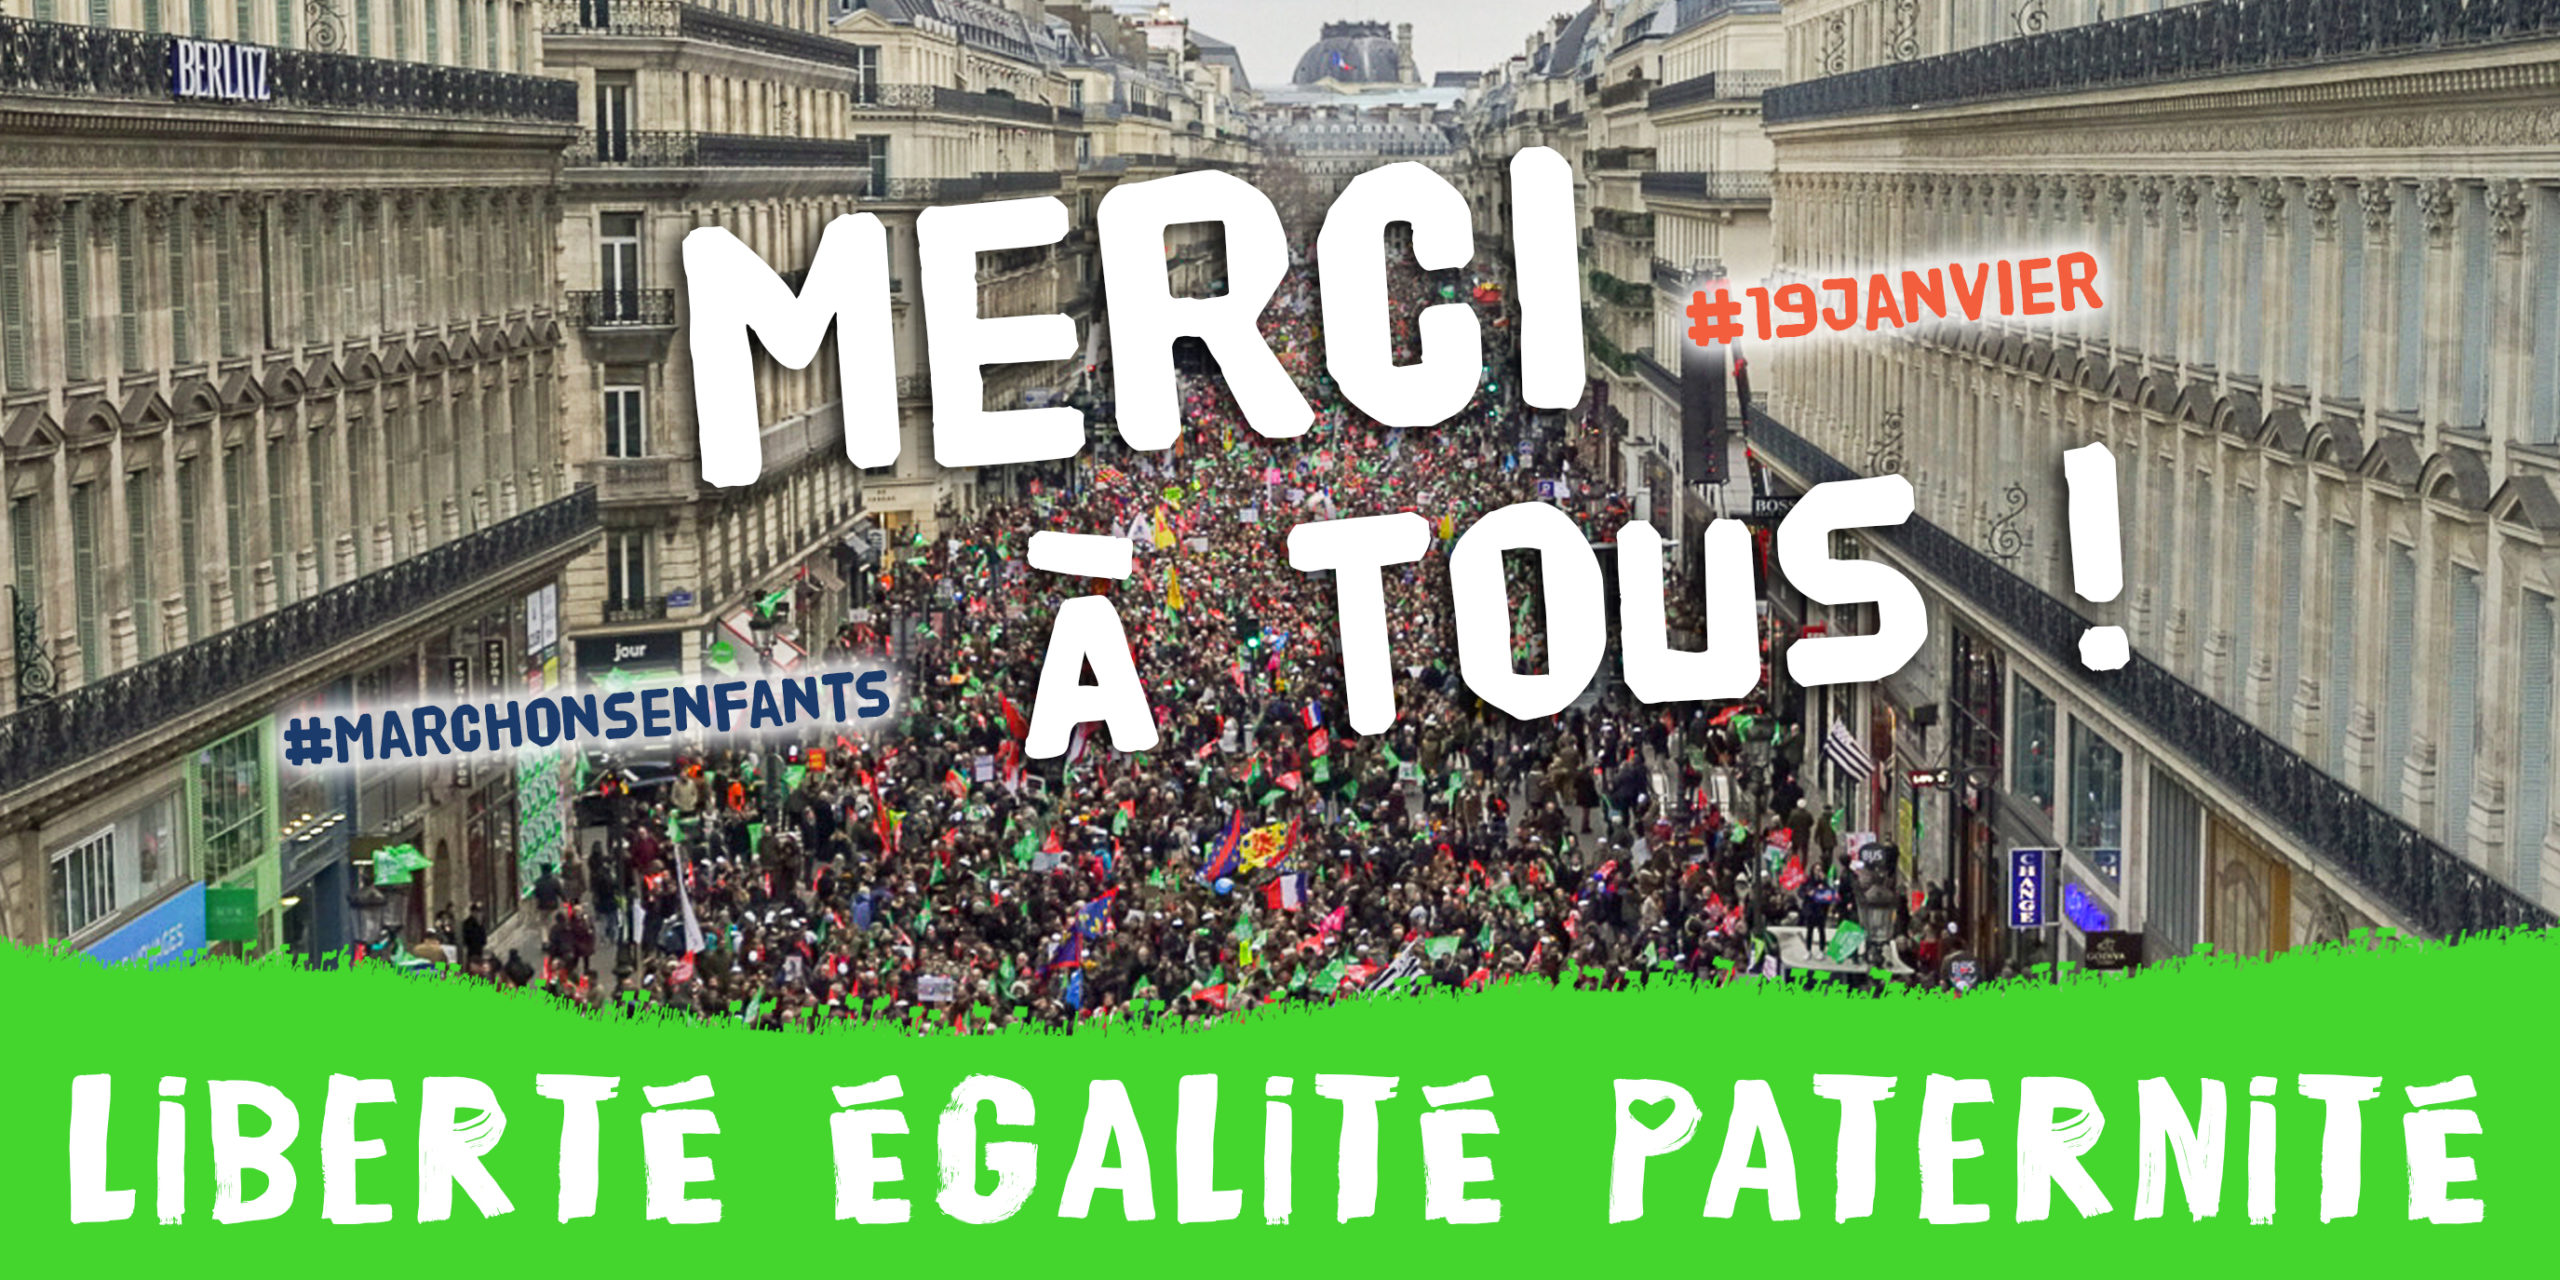 Image - Suivez en direct la manifestation nationale « Marchons Enfants ! » du 19 janvier